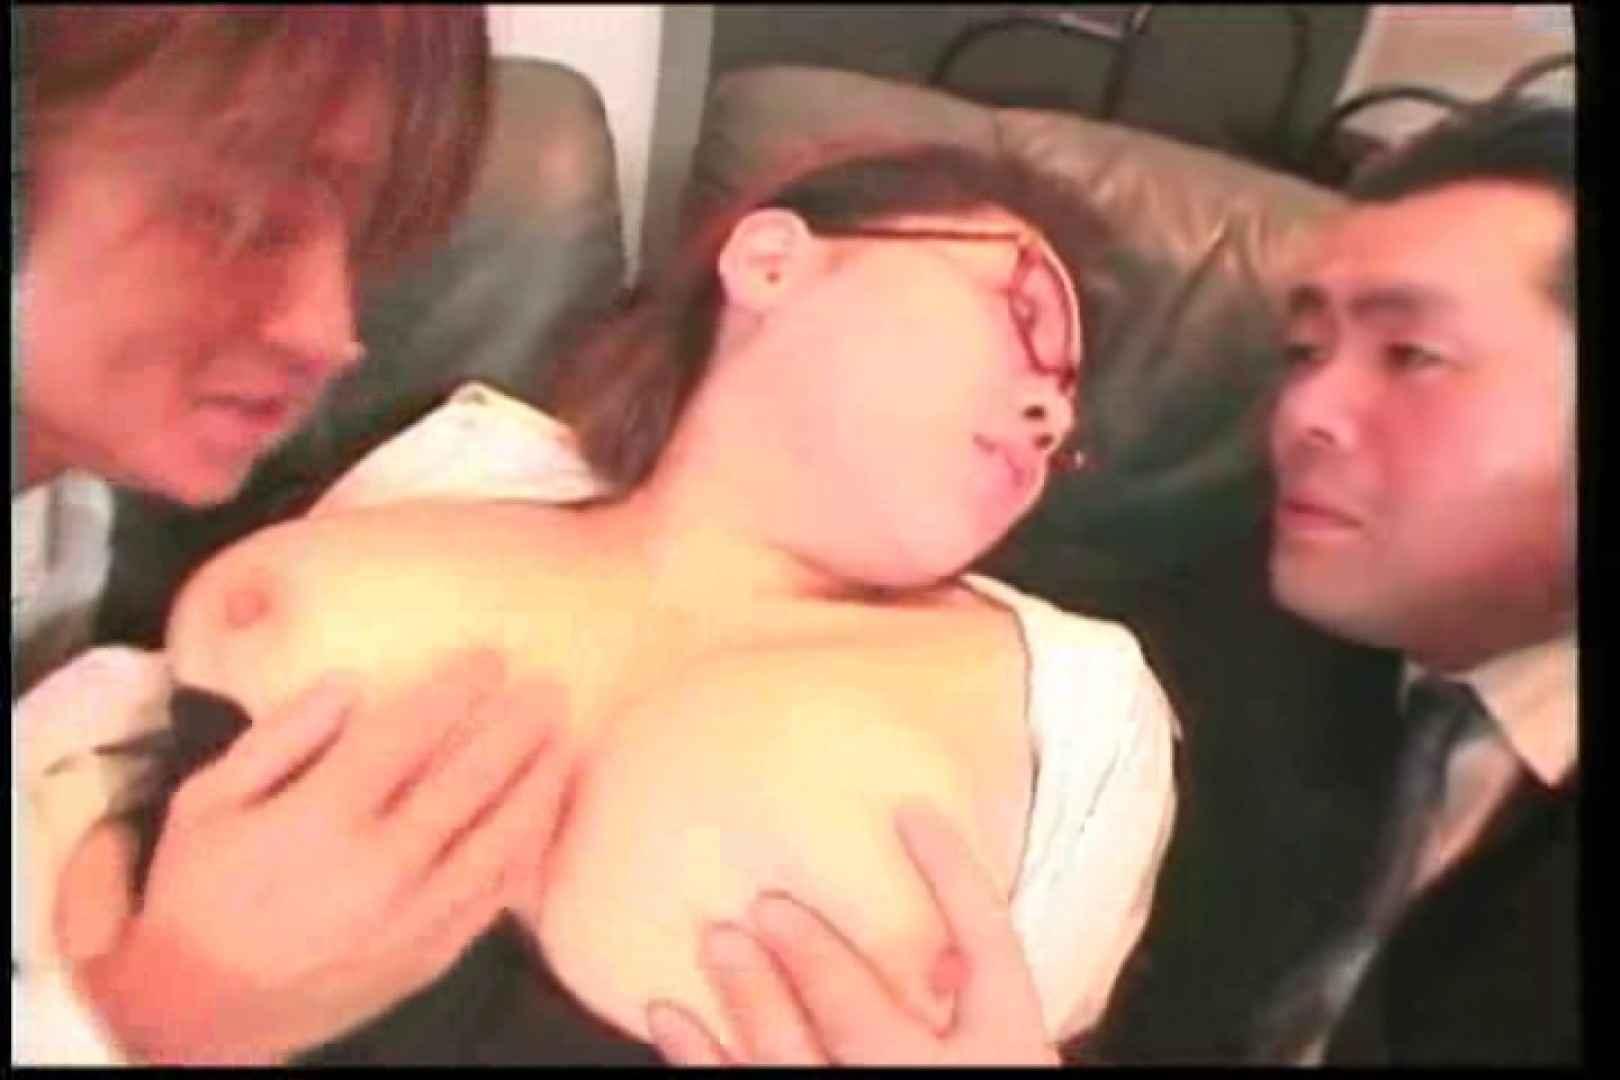 尊敬する先輩に女をささげる後輩 雪谷真央 セックス 盗撮画像 92pic 81